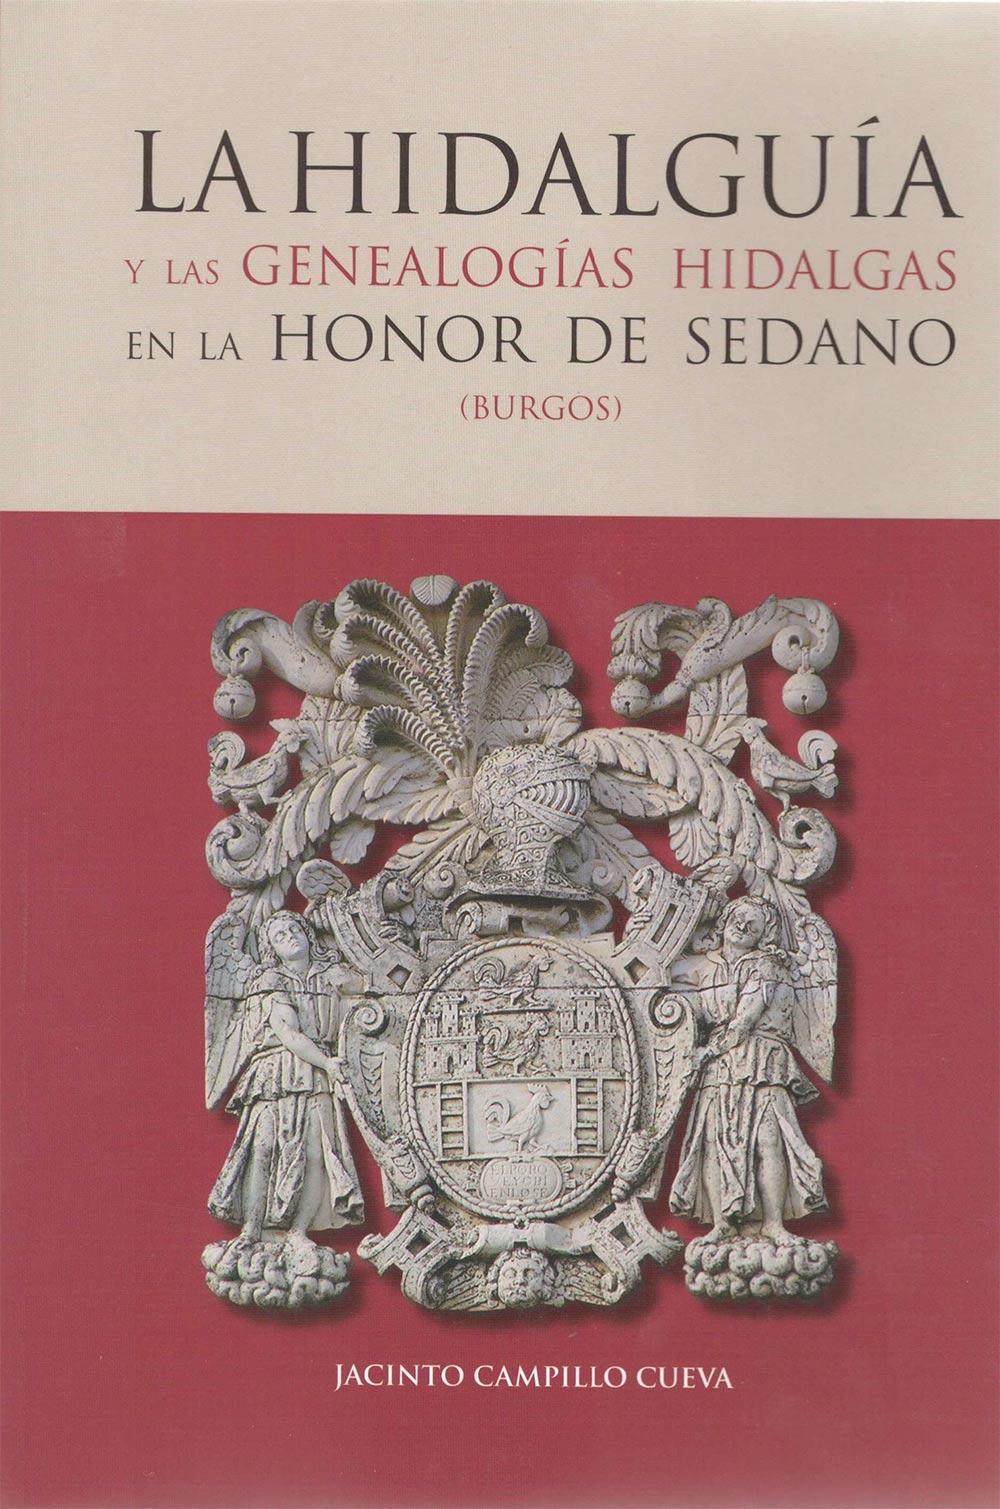 La hidalguía y las genealogías hidalgas en la Honor de Sedano